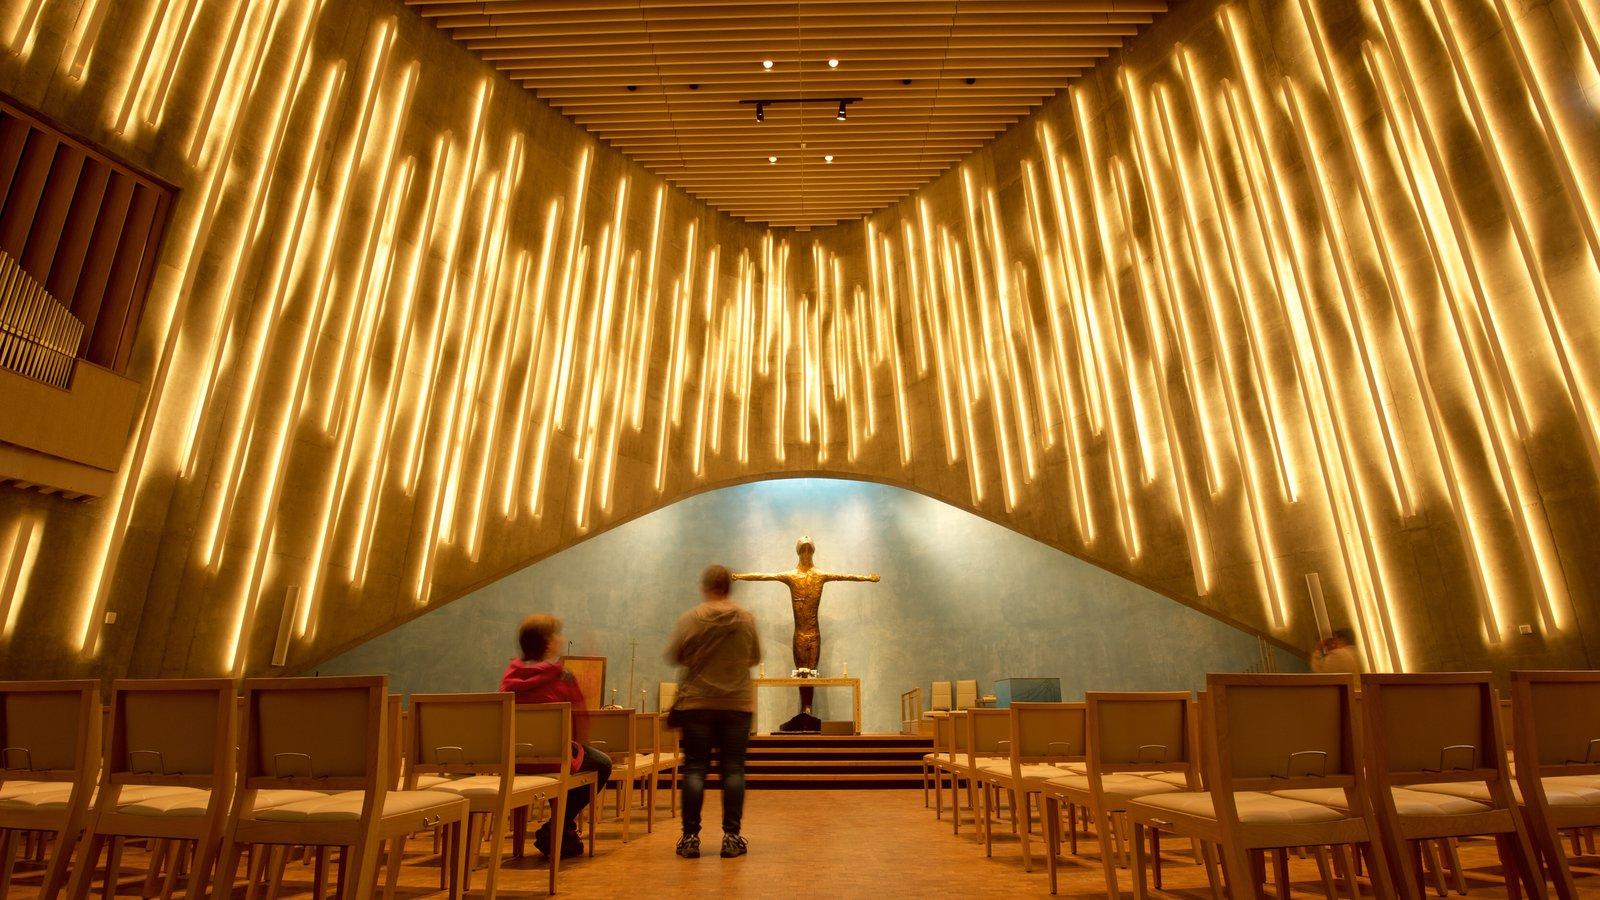 Alta ofreciendo arquitectura moderna y vistas interiores